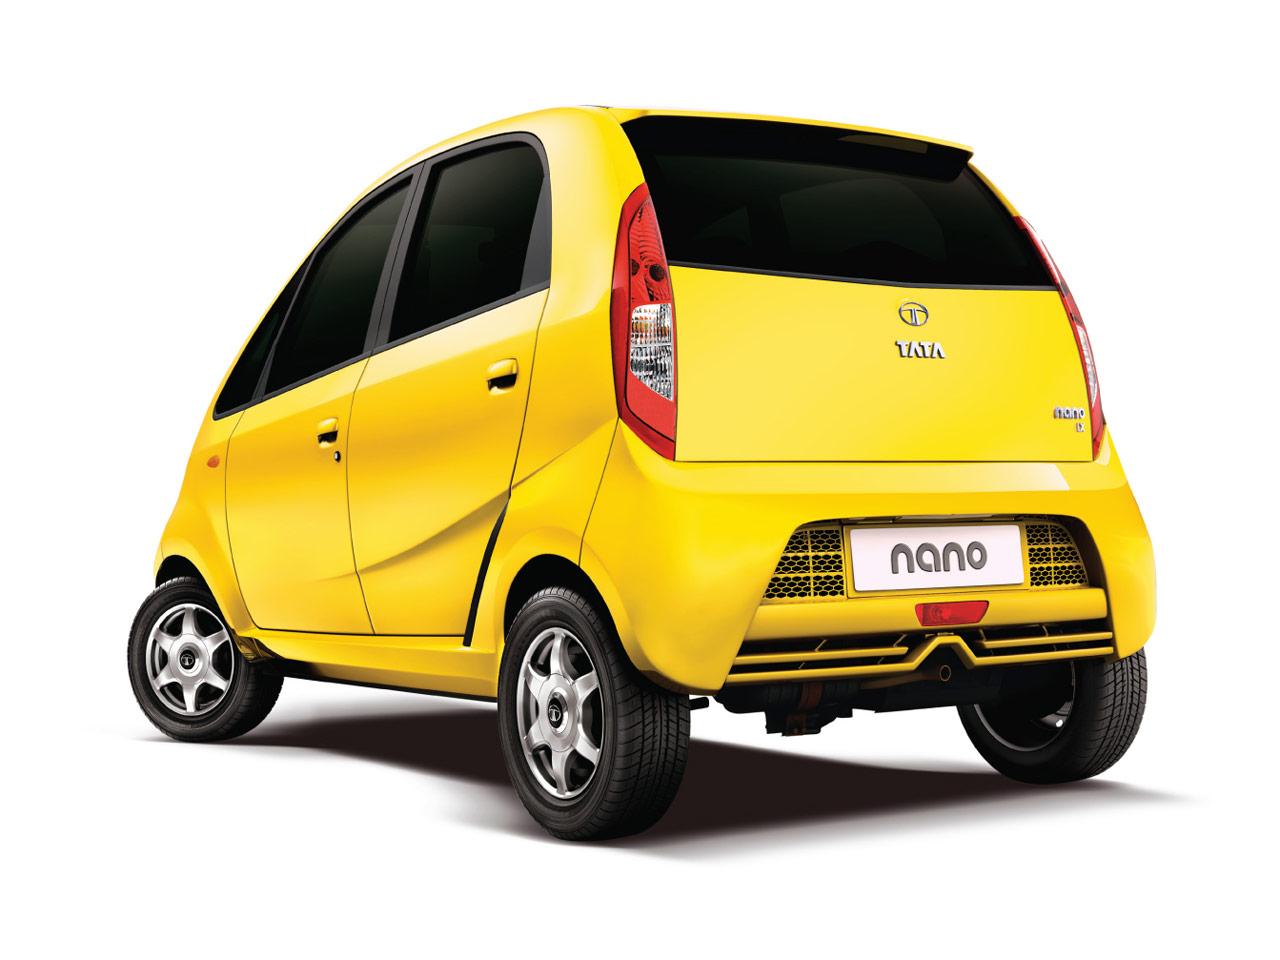 Tata Nano Rear View